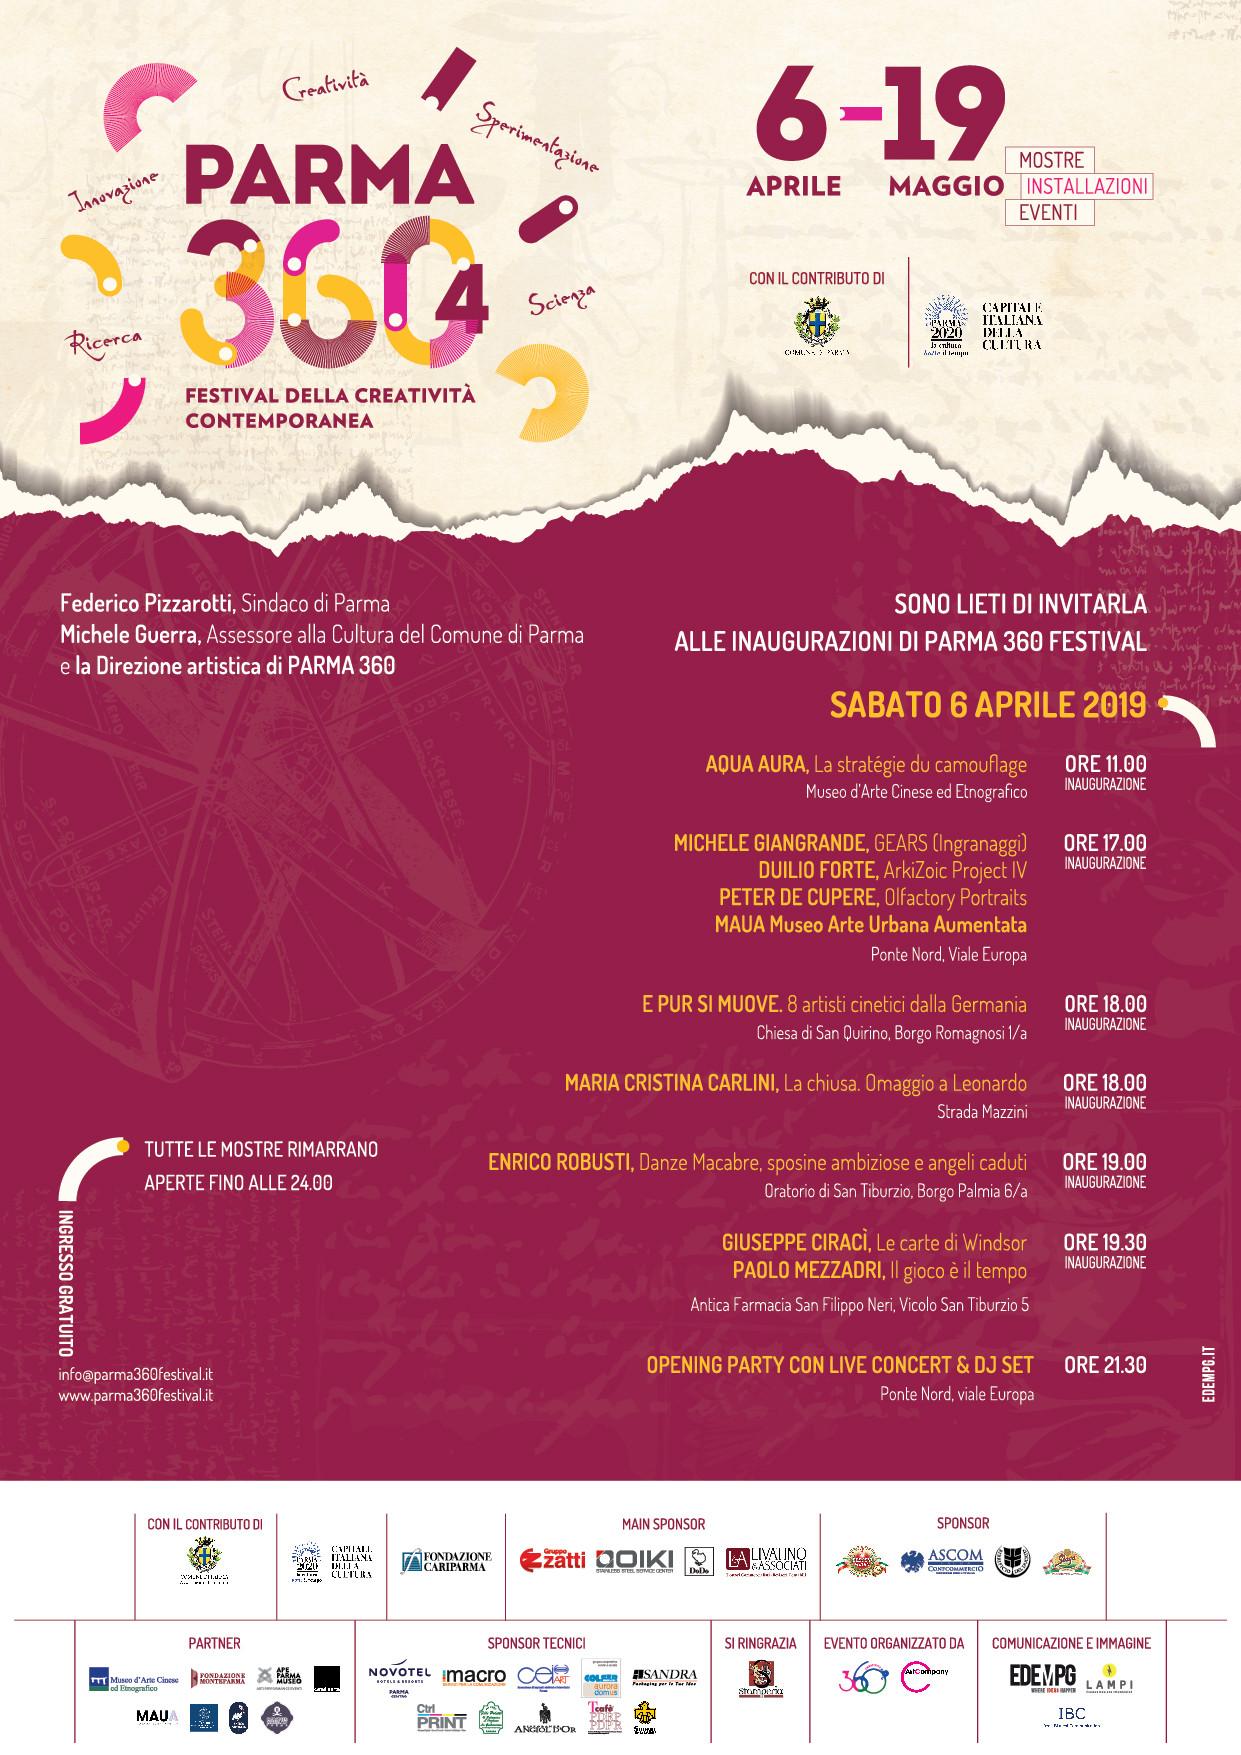 PARMA 360 Festival della creatività contemporanea, programma dell'inaugurazione